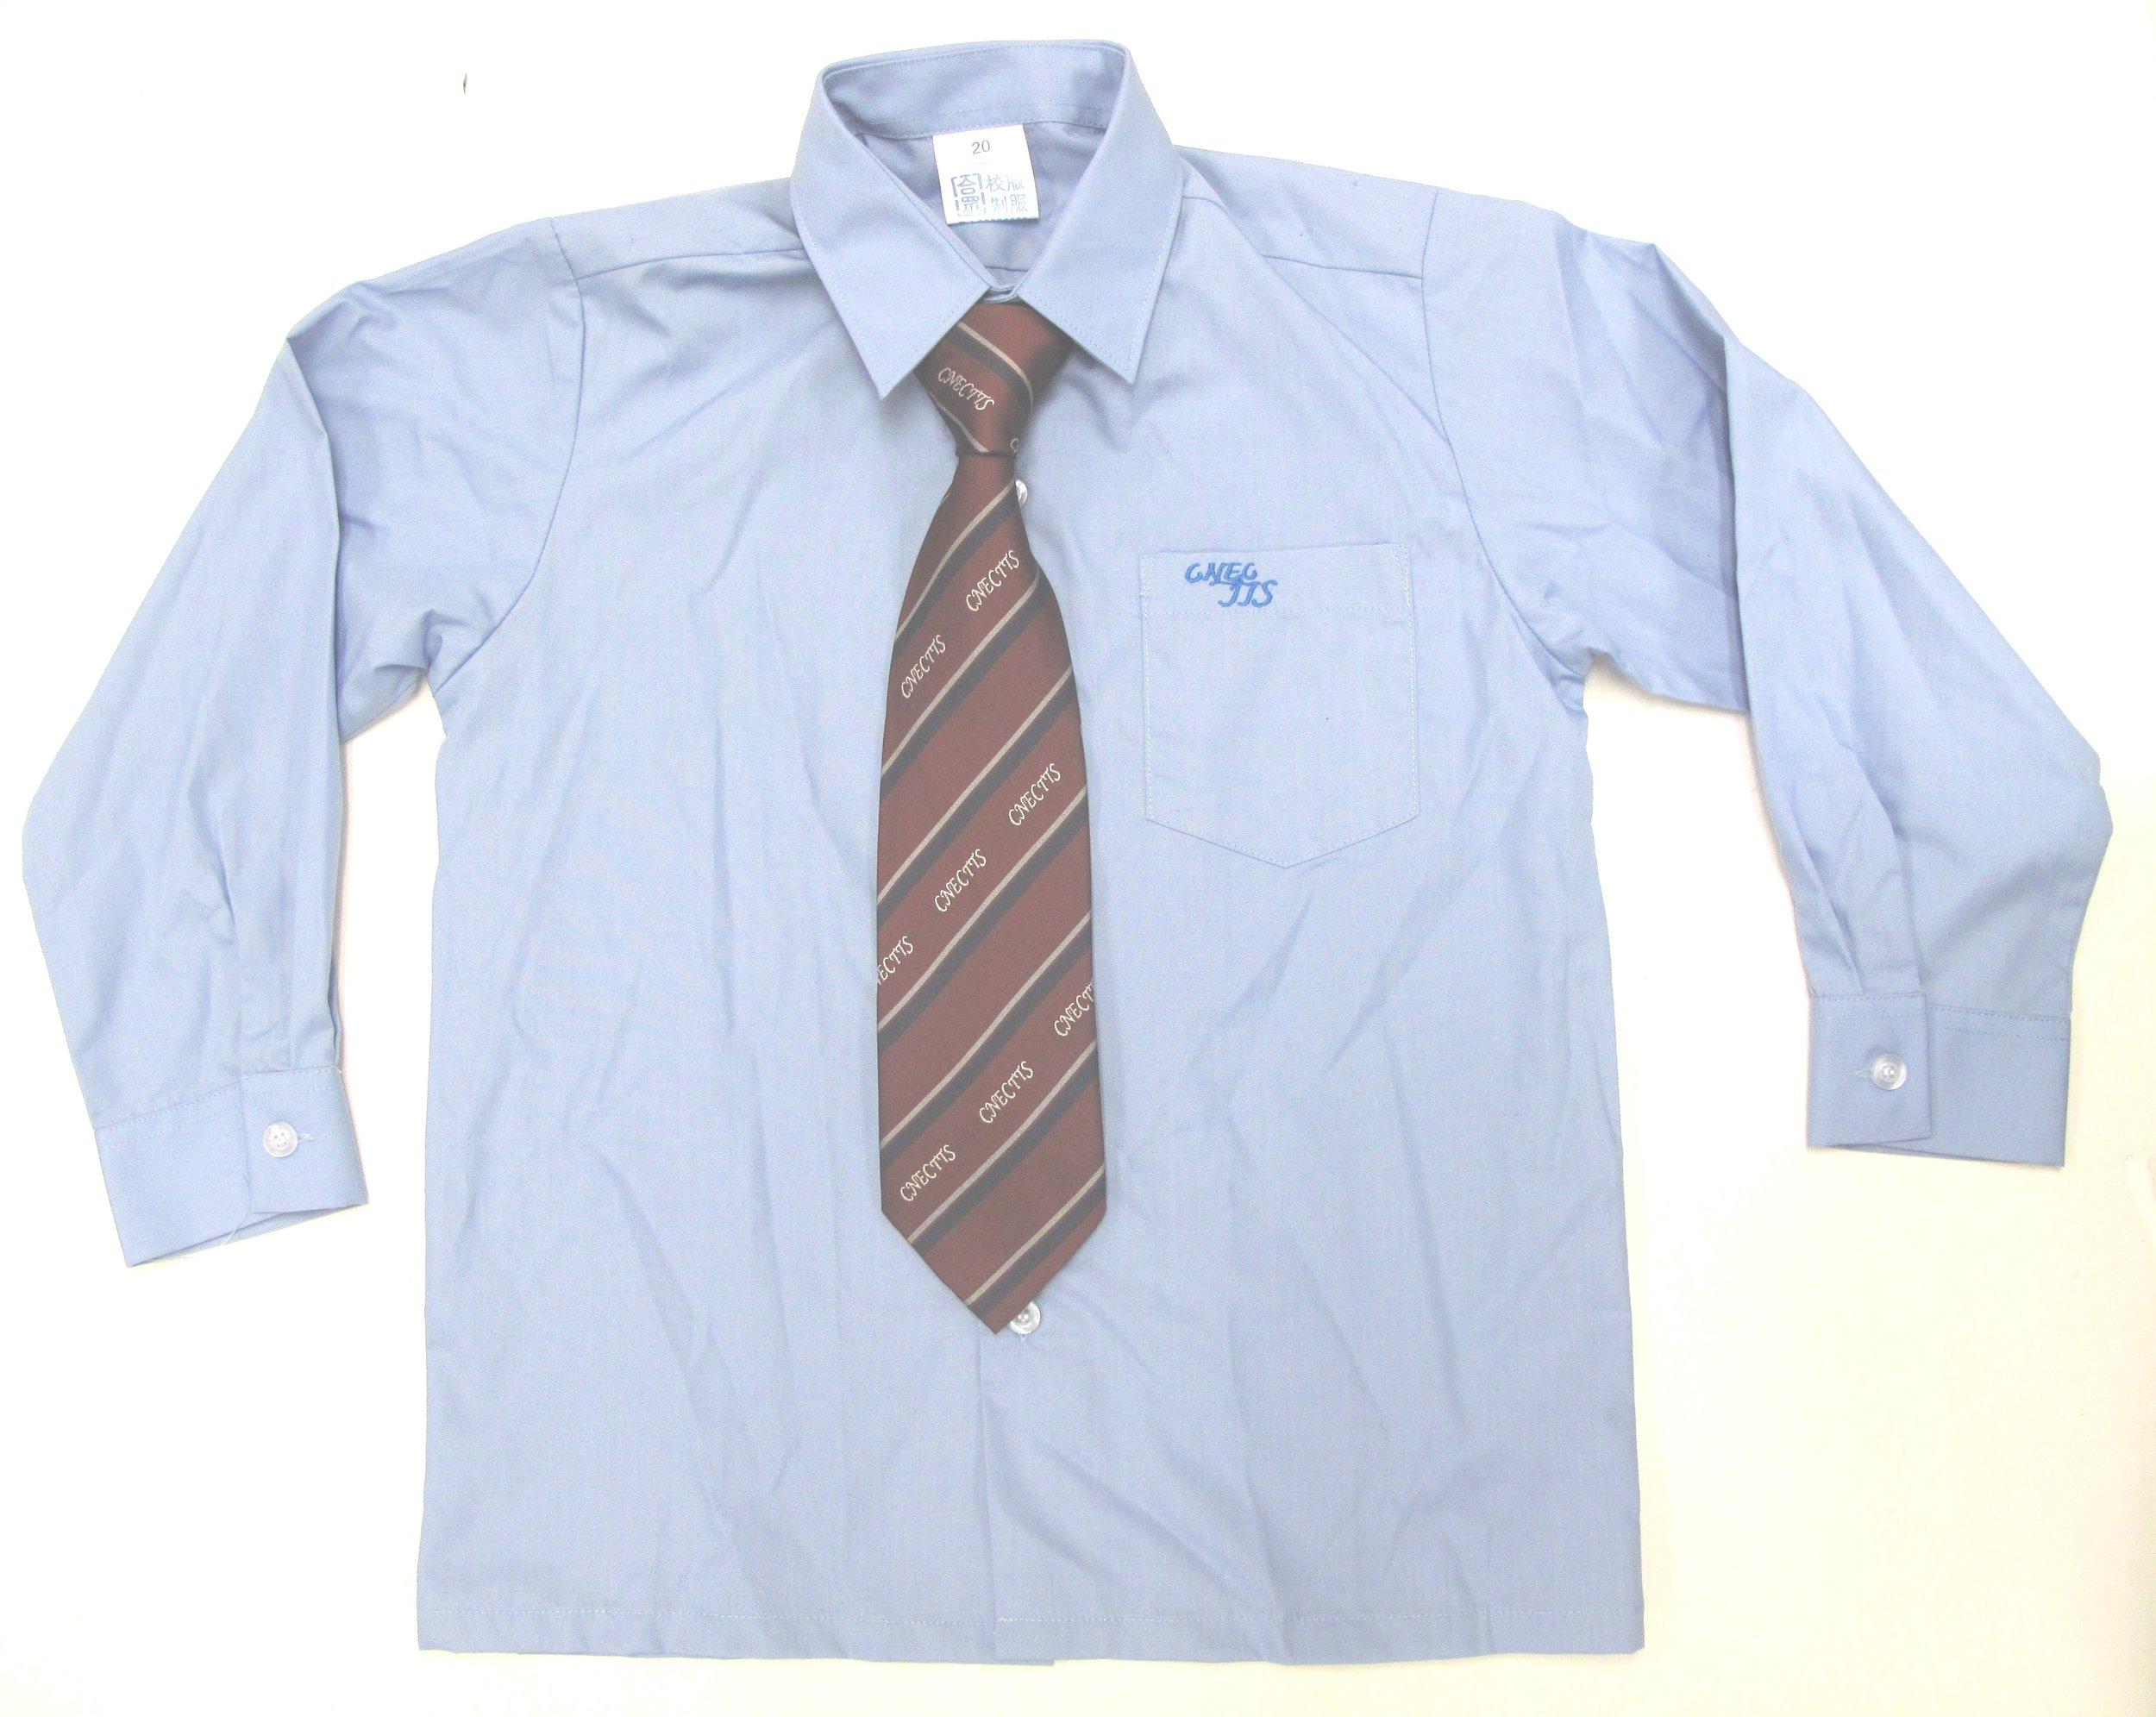 uniformw1.jpg